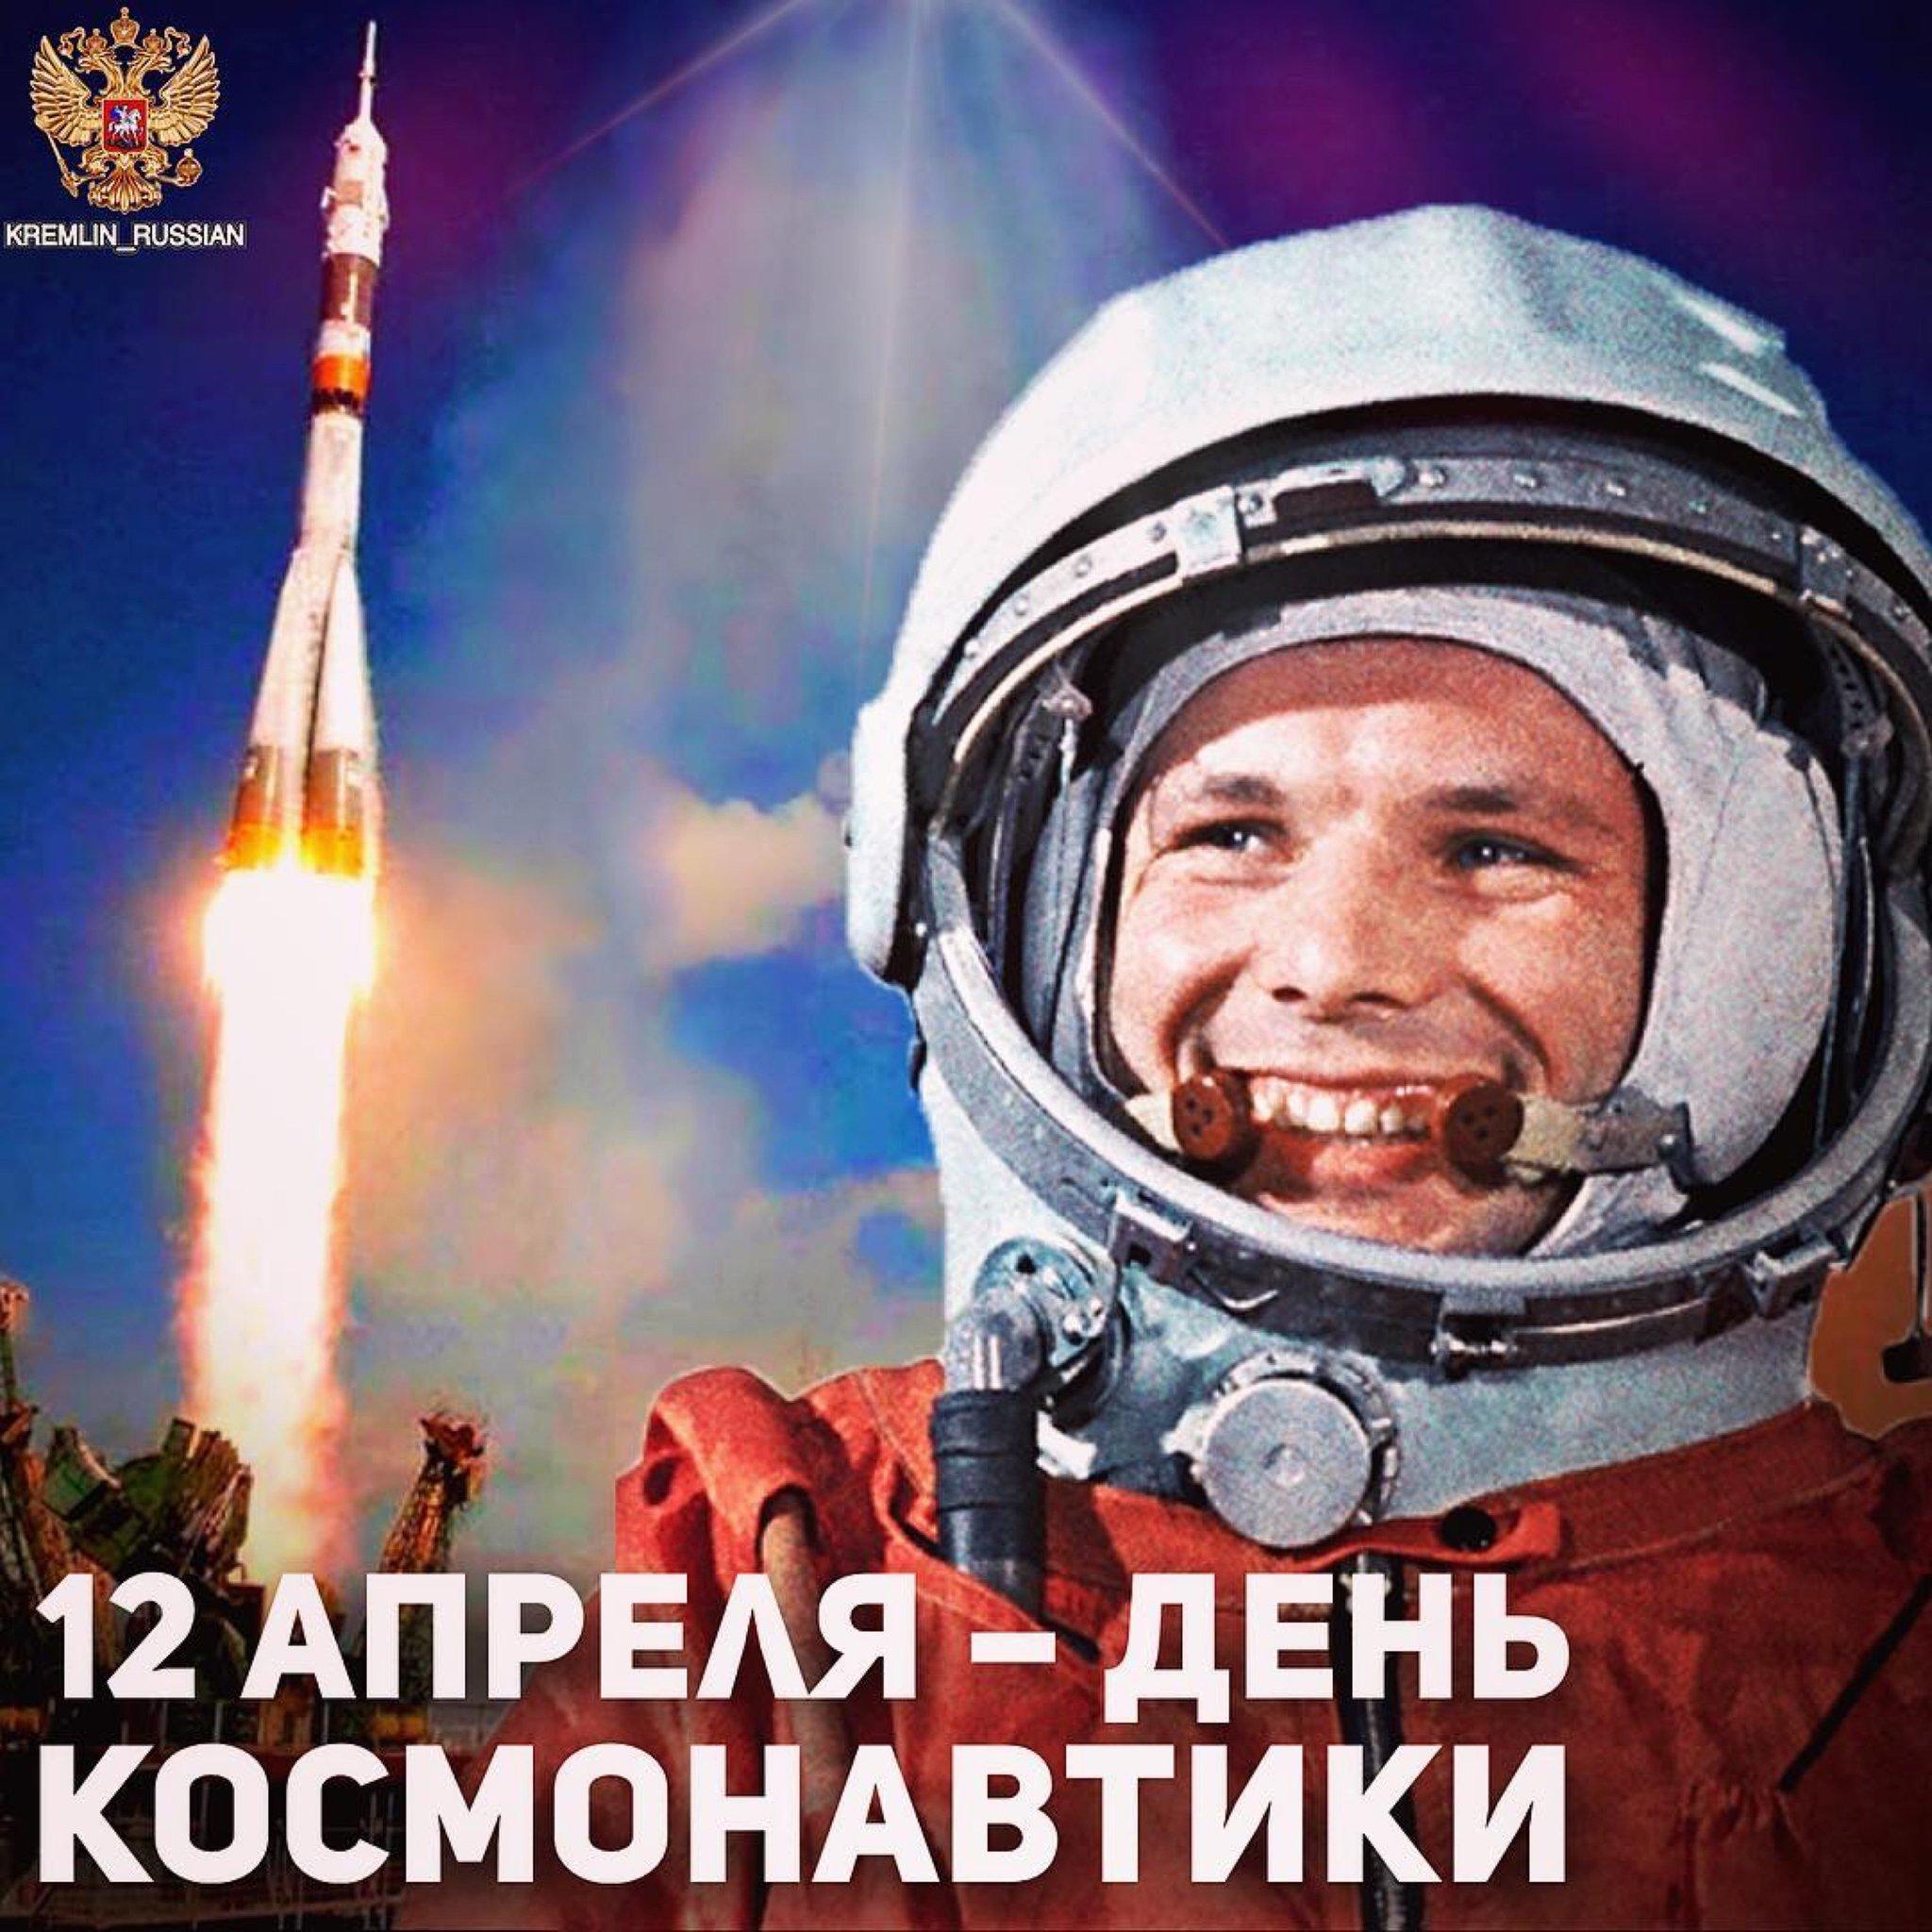 Поздравления с днём космонавтики.